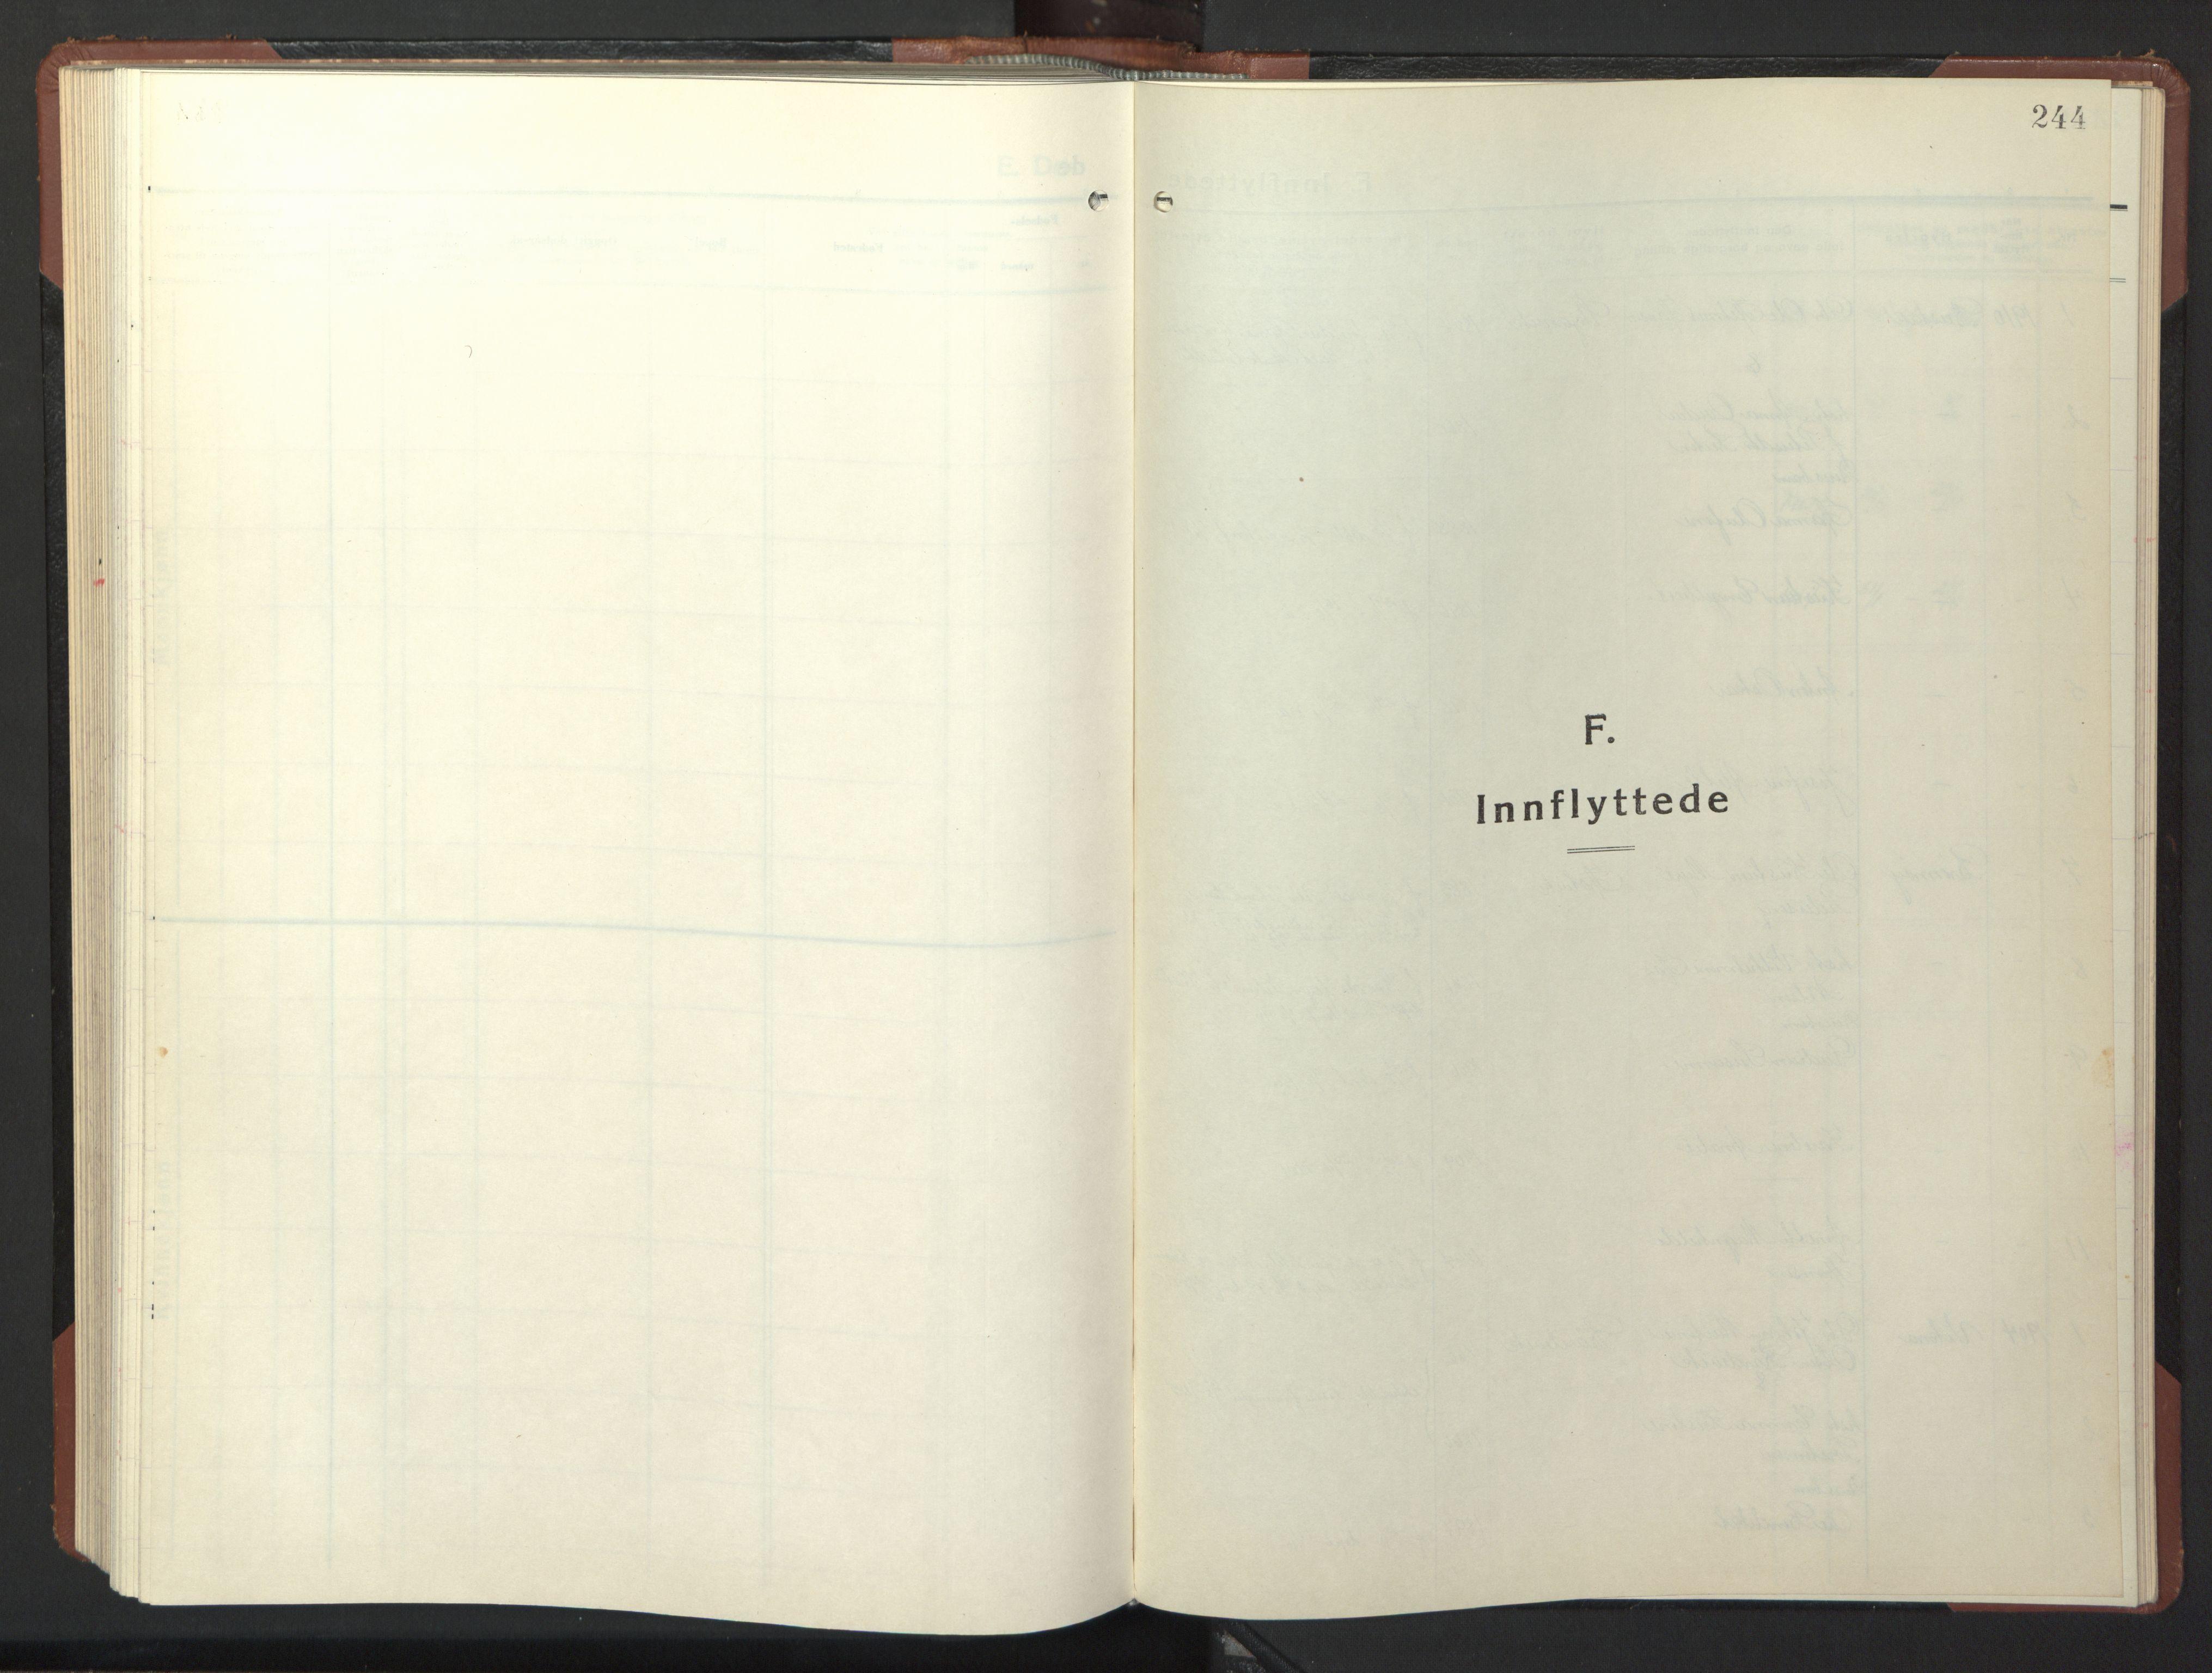 SAT, Ministerialprotokoller, klokkerbøker og fødselsregistre - Nord-Trøndelag, 773/L0625: Klokkerbok nr. 773C01, 1910-1952, s. 244